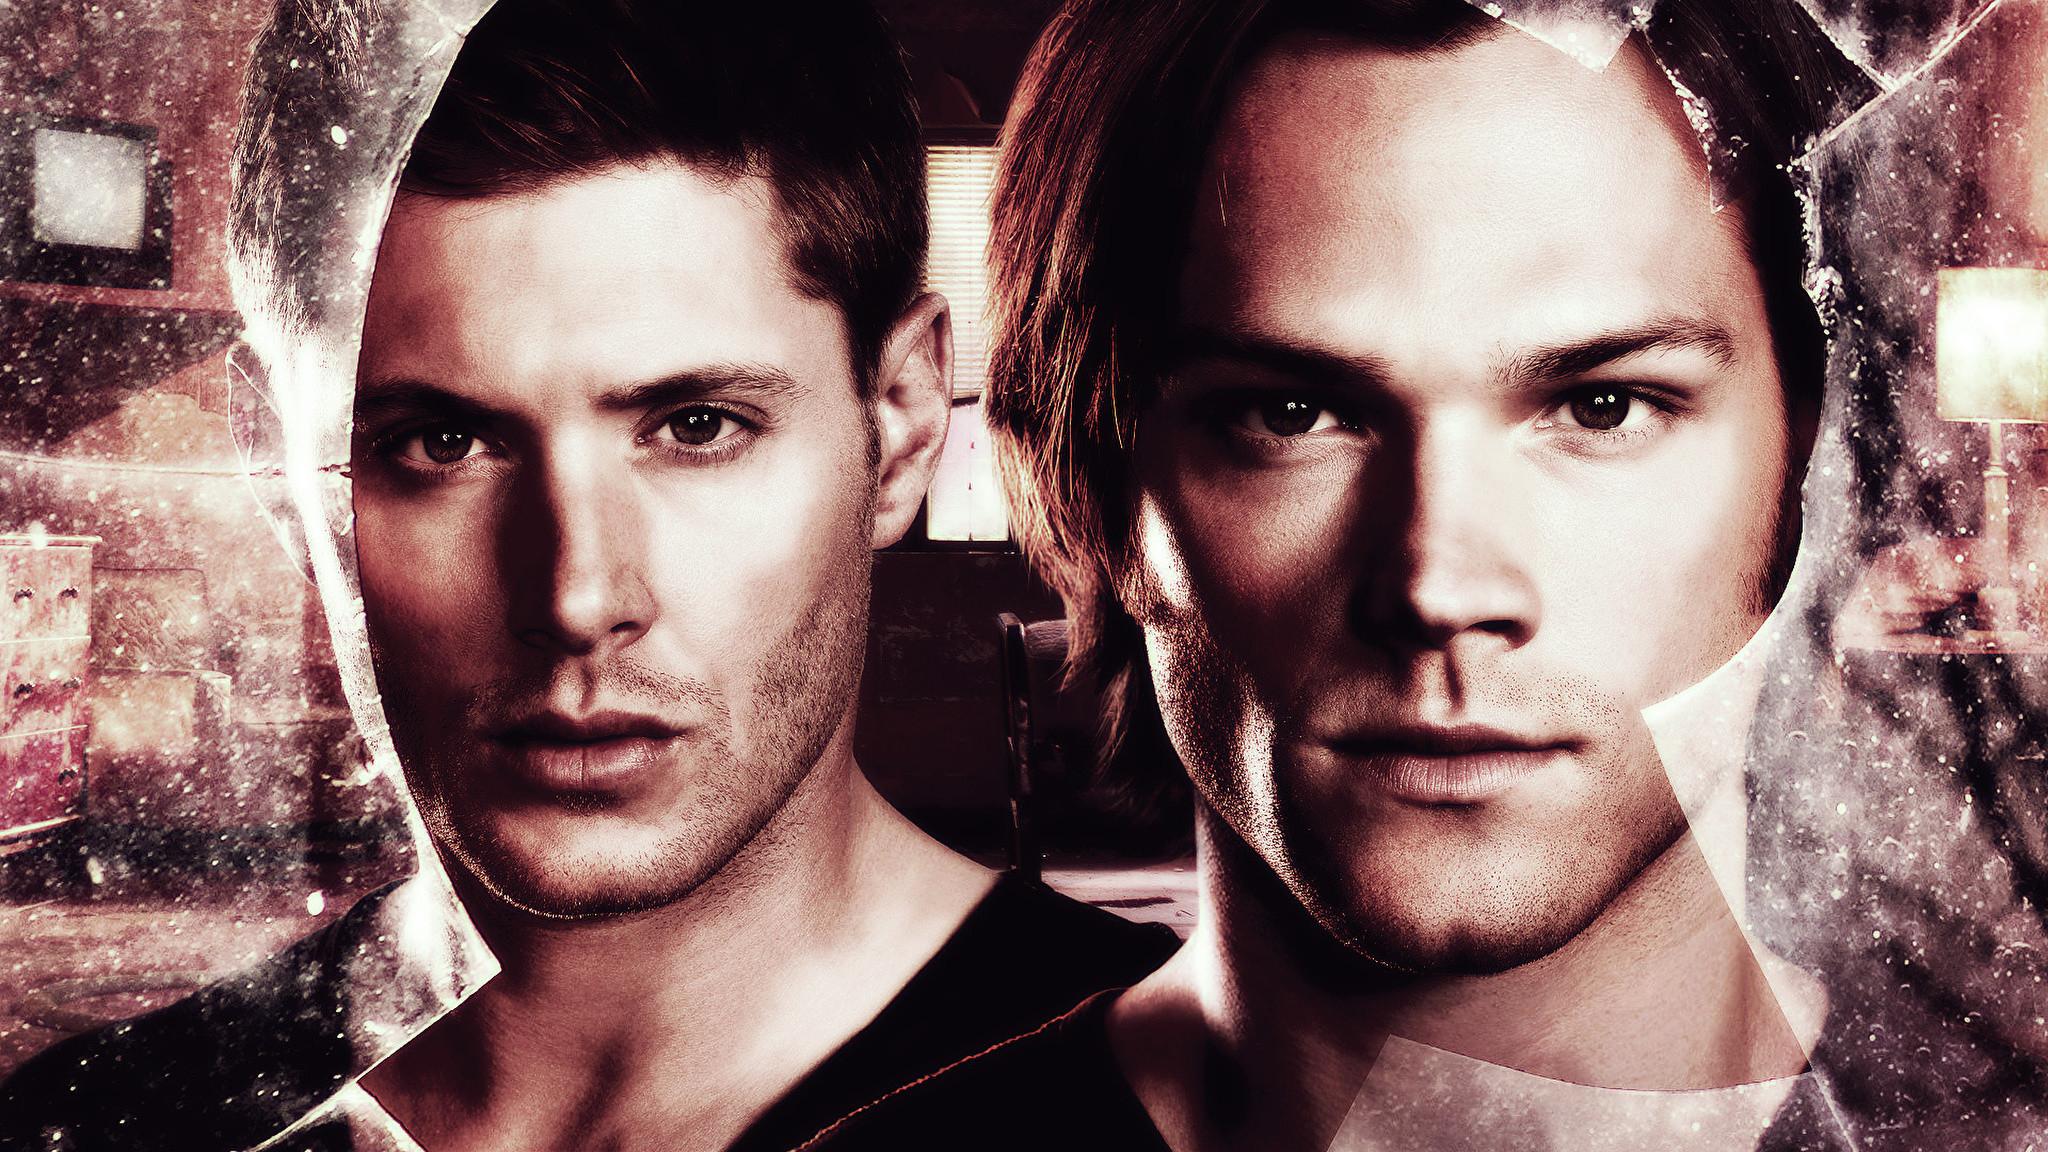 Photos Supernatural Jensen Ackles Jared Padalecki Men Two Face Movies  Glance Celebrities Man 2 Staring